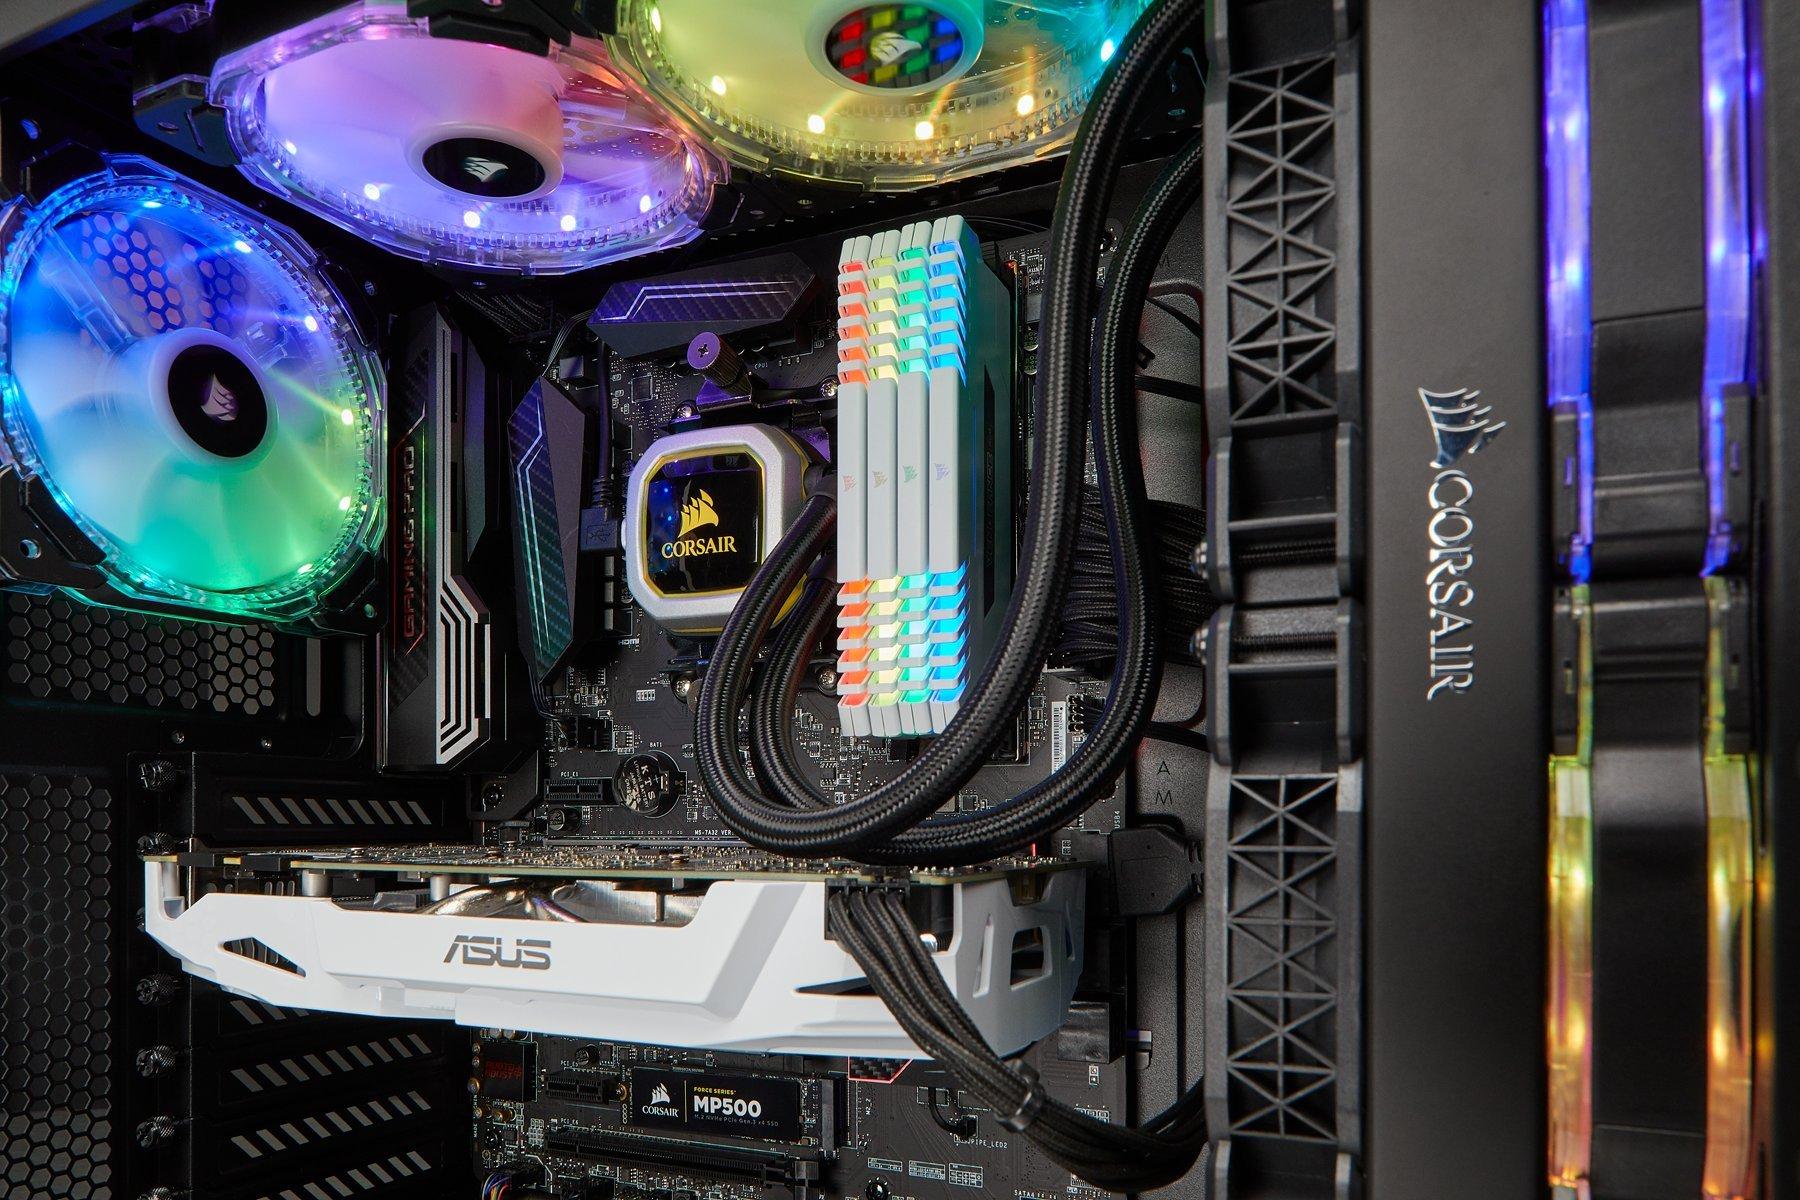 CORSAIR HYDRO Series H100i PRO RGB AIO Liquid CPU Cooler, 240mm, Dual ML120 PWM Fans, Intel 115x/2066, AMD AM4 by Corsair (Image #21)